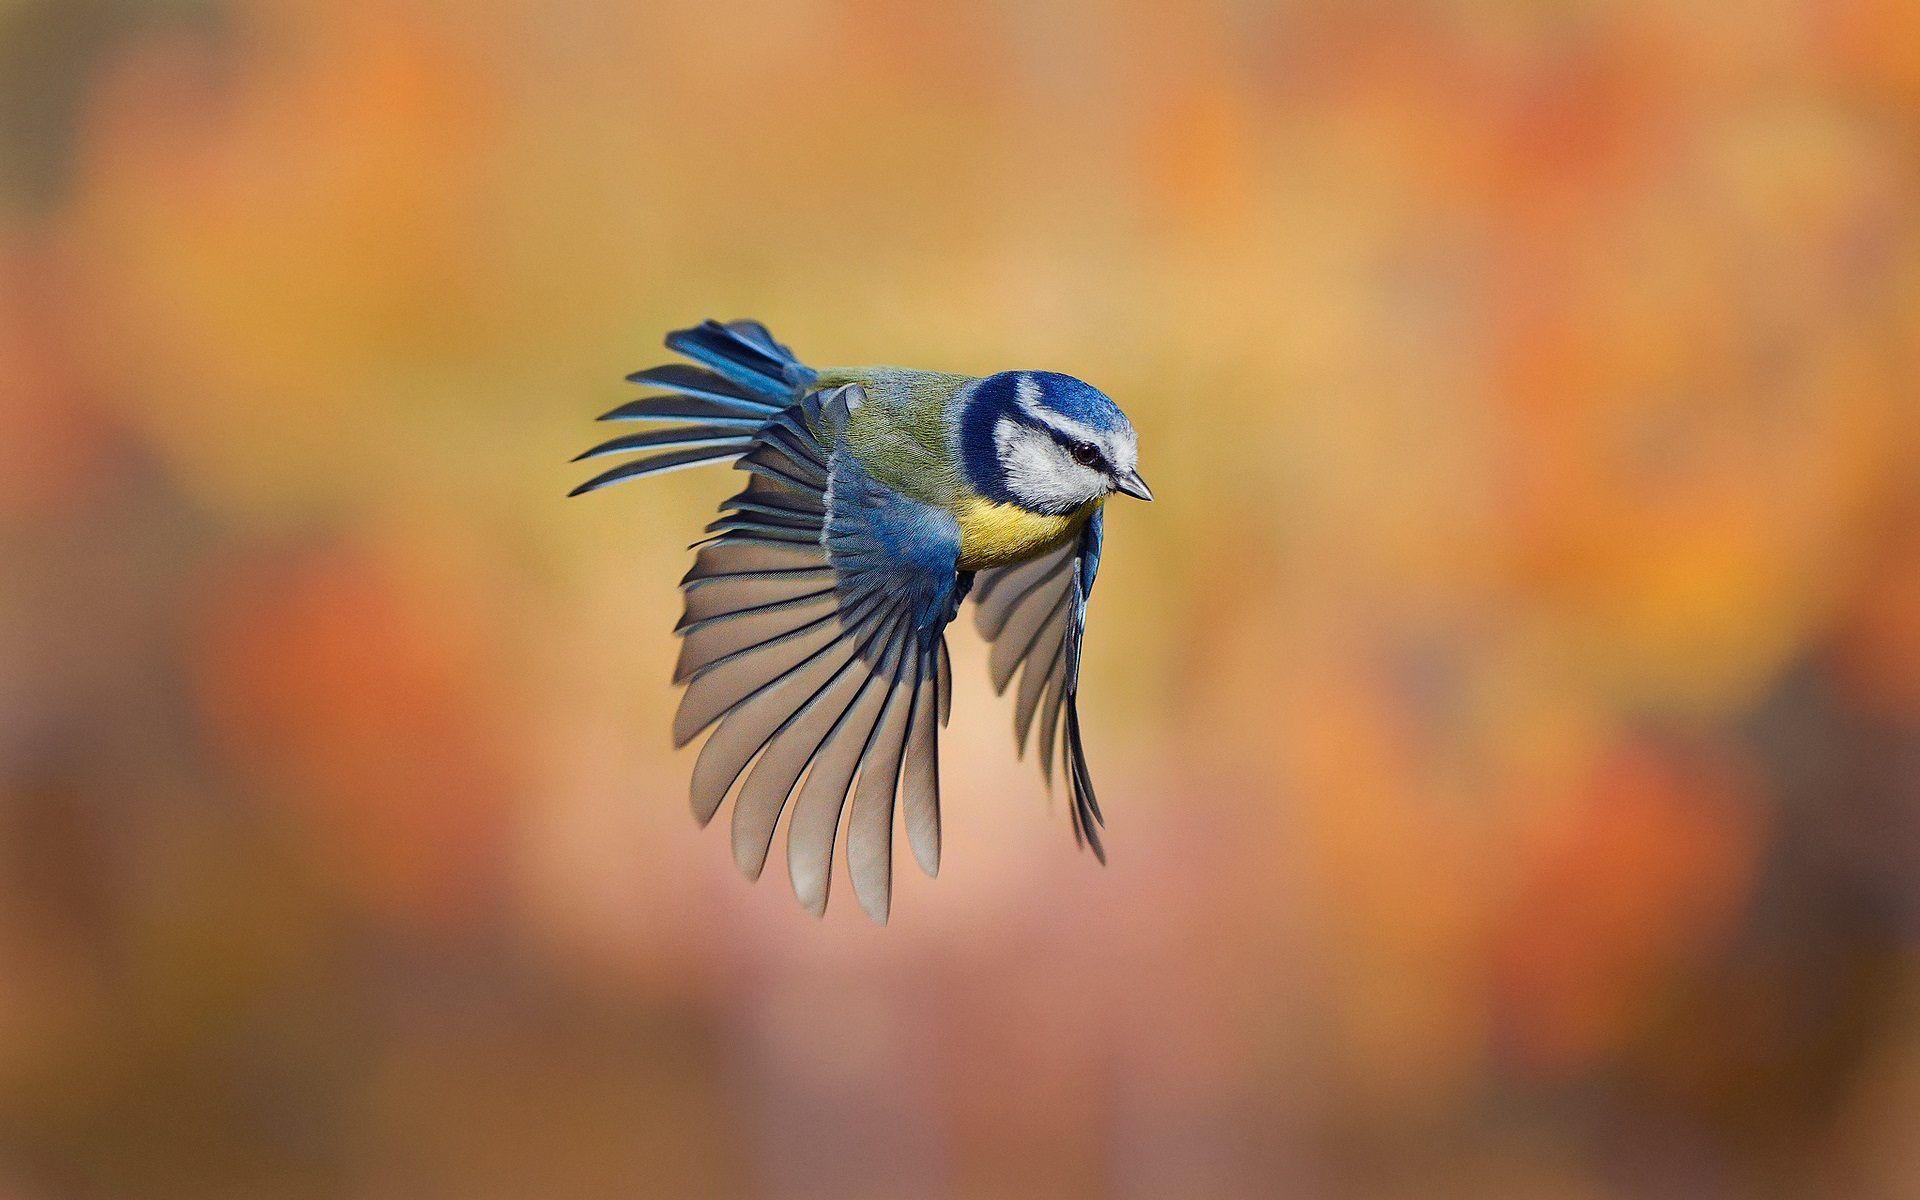 Flying Birds Desktop Wallpapers Fliegende Vogel Hintergrund Vogel Bilder